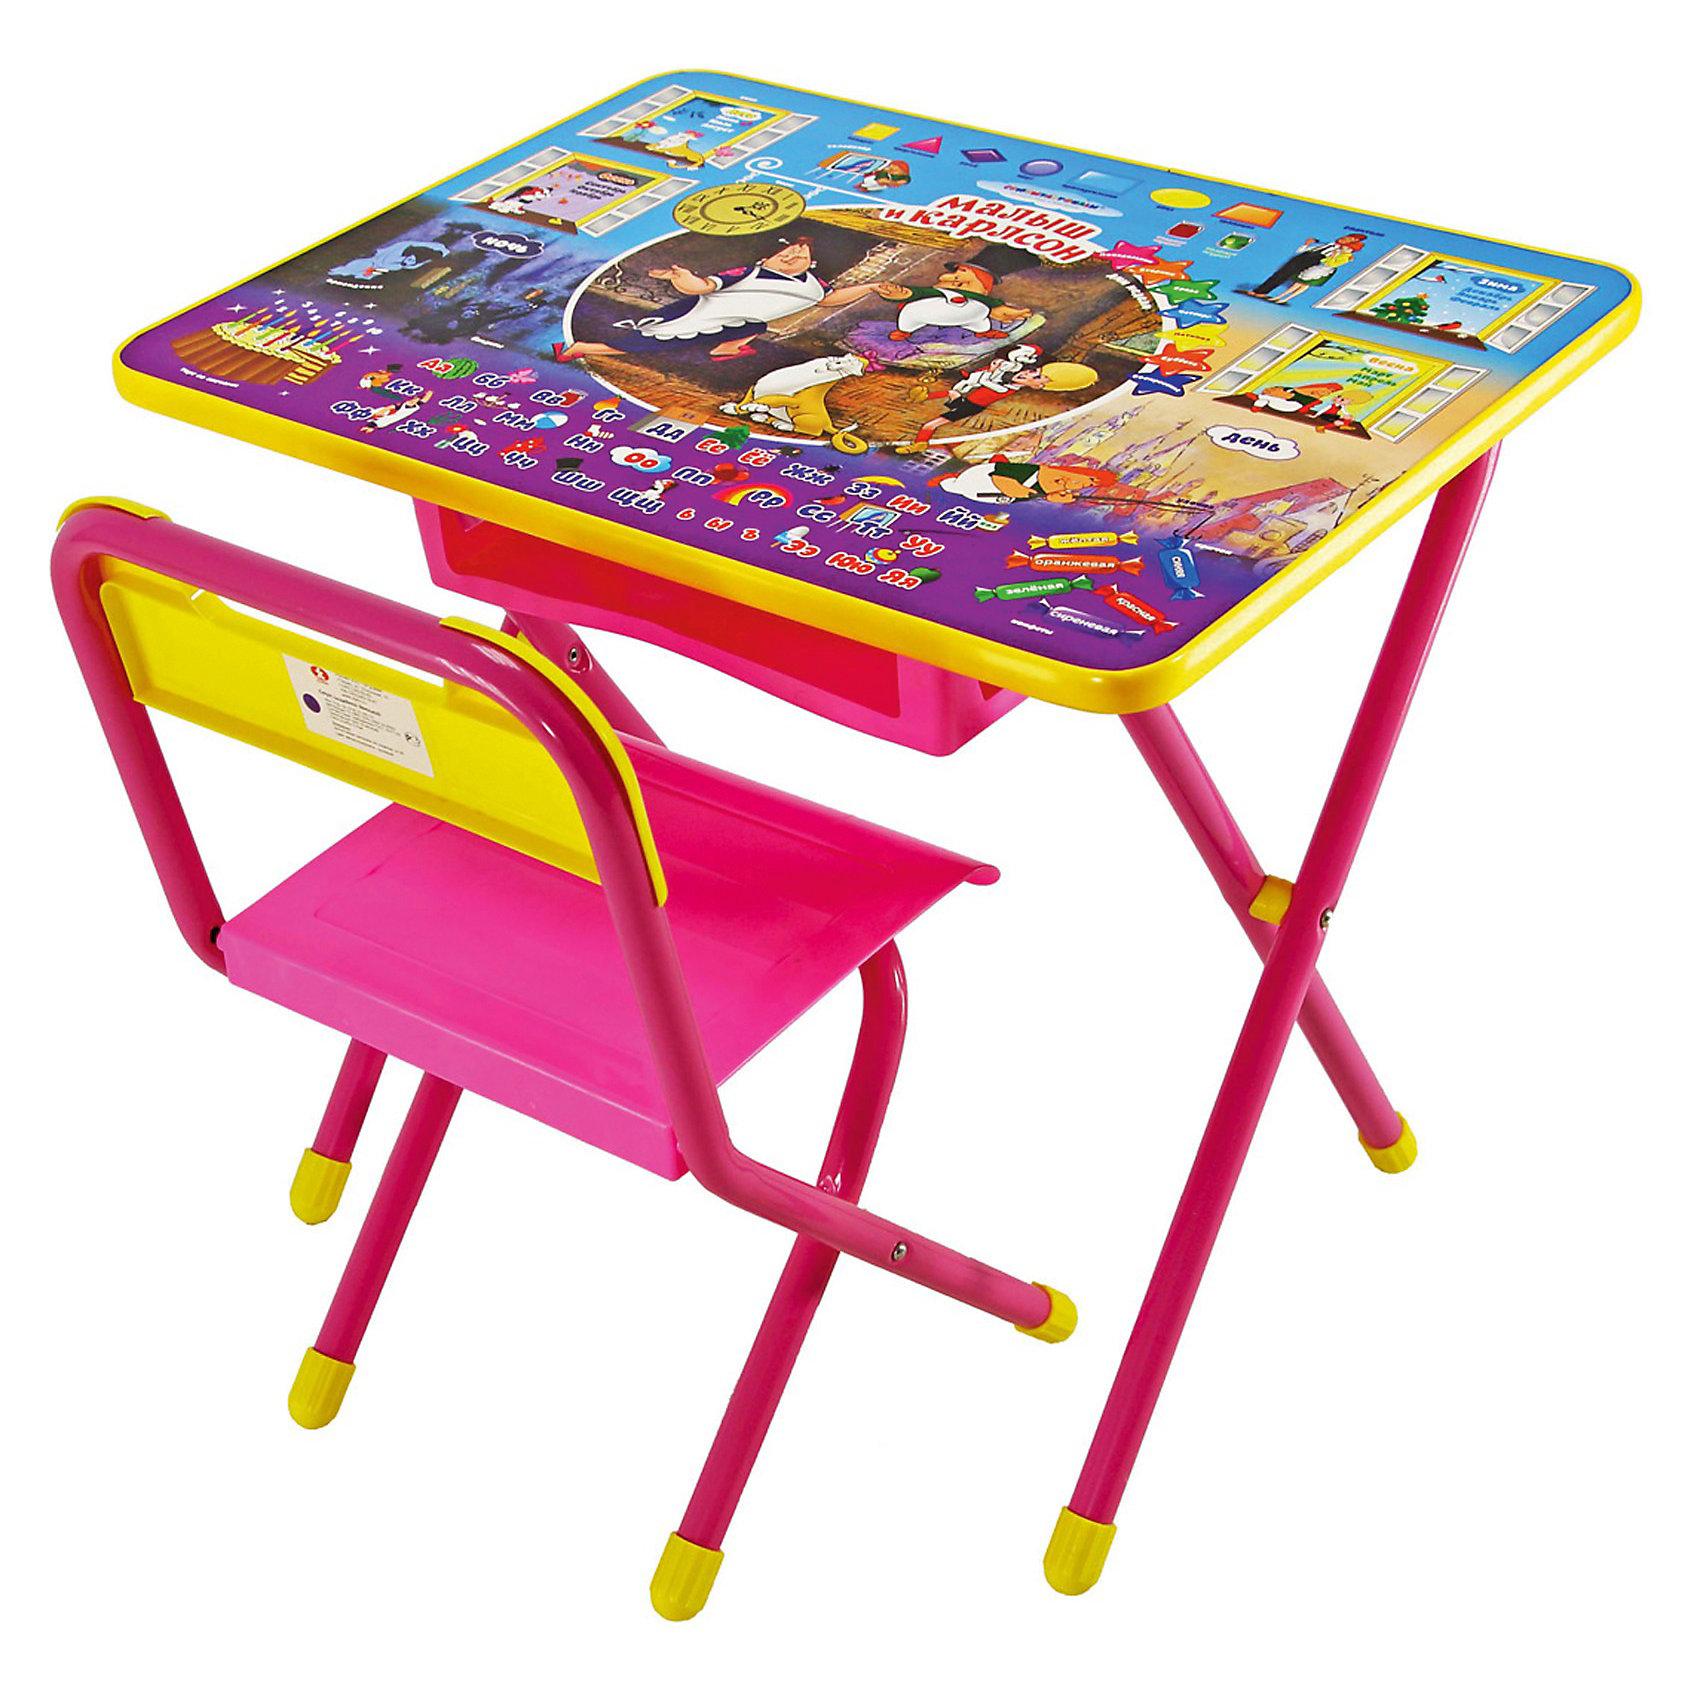 Розовый набор мебели Малыш и Карлсон (1,5-7 лет), ДэмиВ набор детской мебели  Попугай Кеша Дэми  входит стол и стульчик, которые прекрасно подходят для эксплуатации как дома, так и в дошкольных учреждениях. Может быть использован для детских игр и занятий.<br>Стол оснащен пеналом для ручек и карандашей, а также вместительным ящиком под столешницей.<br><br>Ламинированную столешницу легко очищать.  На поверхность столешницы нанесен яркий обучающий рисунок, состоящий из букв и цифр, который явно заинтересует ребёнка.<br>За столом Ваш ребенок сможет заниматься рисованием, лепкой, чтением или просто играть.<br>При необходимости набор легко складывает и убирается, поэтому он подходит даже для помещений маленькой площади.<br><br>Дополнительная информация:<br><br> - вес: 8,5 кг. <br> - цвет: розовый <br> - размеры: 15х64х74 см.<br> - материал: металл, пластмасса <br> - размеры столешницы: 45х60 см.<br> - высота до плоскости столешницы: 52 см.<br> - высота по сиденью: 30 см.<br> - высота верхнего края спинки: 25 см.<br> Допустимая нагрузка на сиденье до 30 кг.<br><br>Набор детской мебели Малыш и Карлсон, Дэми, розовый можно купить в нашем интернет магазине.<br><br>Ширина мм: 150<br>Глубина мм: 740<br>Высота мм: 640<br>Вес г: 8000<br>Возраст от месяцев: 18<br>Возраст до месяцев: 84<br>Пол: Женский<br>Возраст: Детский<br>SKU: 3530359